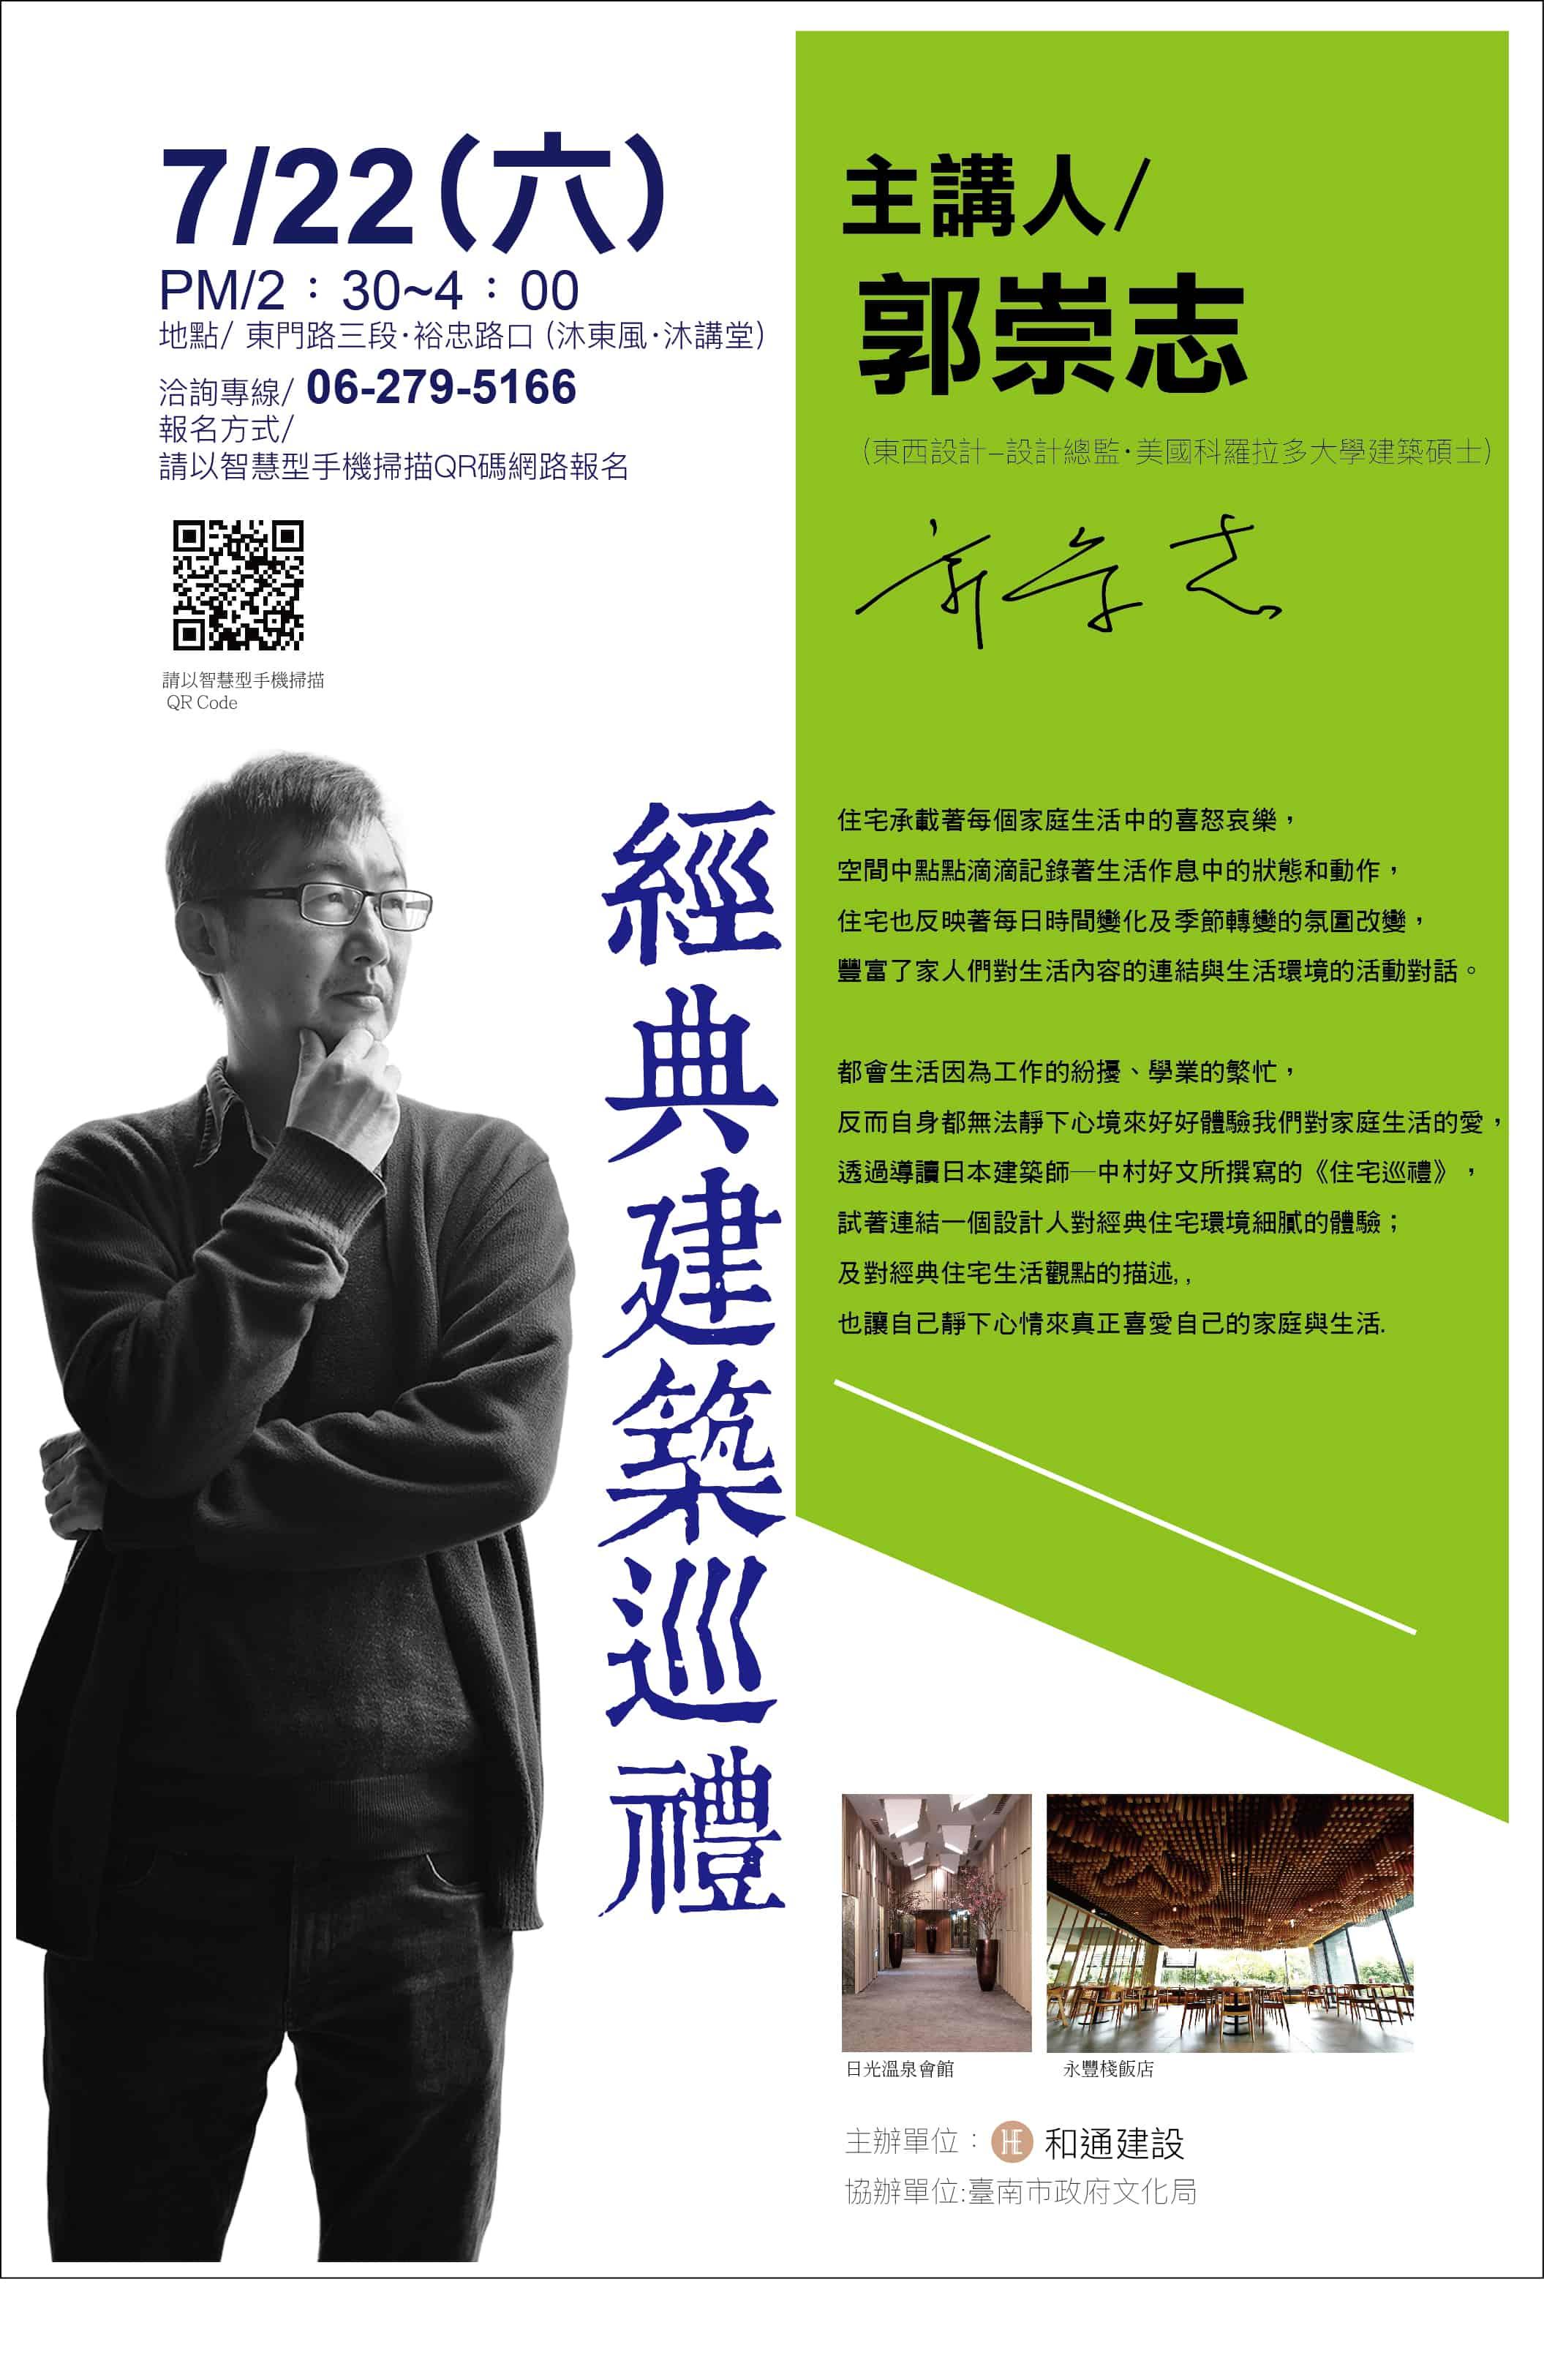 圖片:台南講座活動-沐東風‧沐講堂 經典建築巡禮